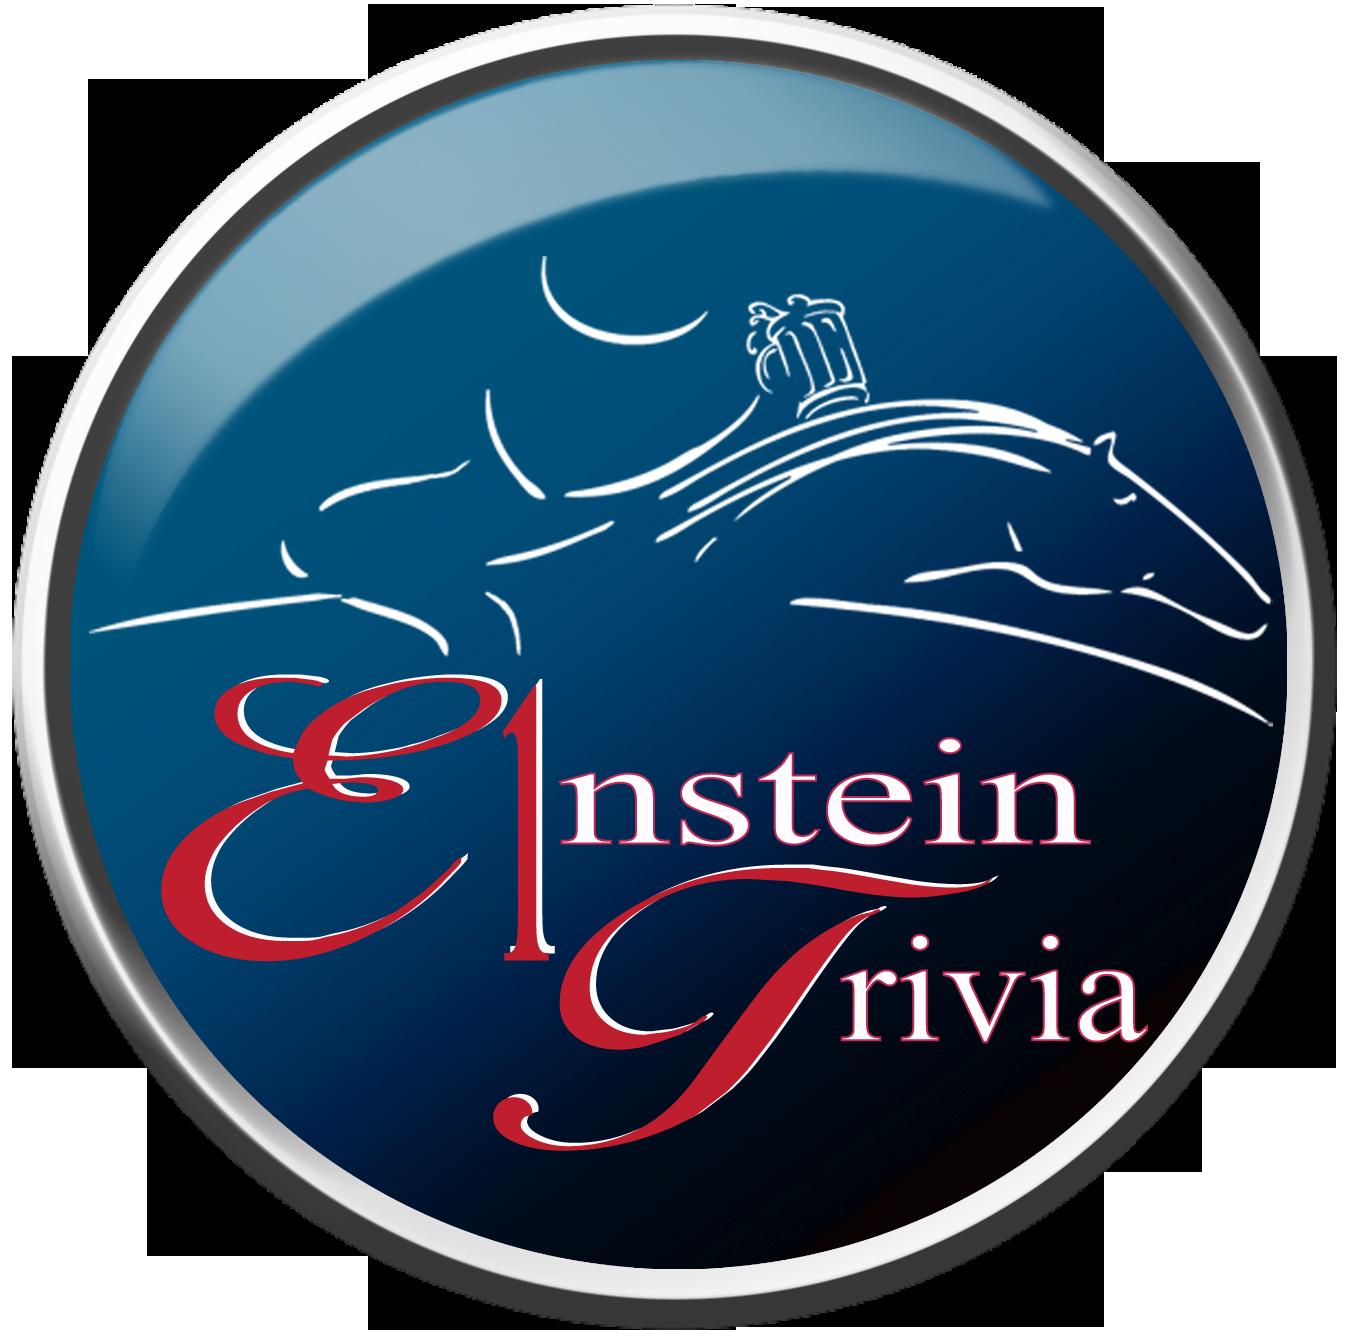 E1nStein Pub Trivia Logo & App